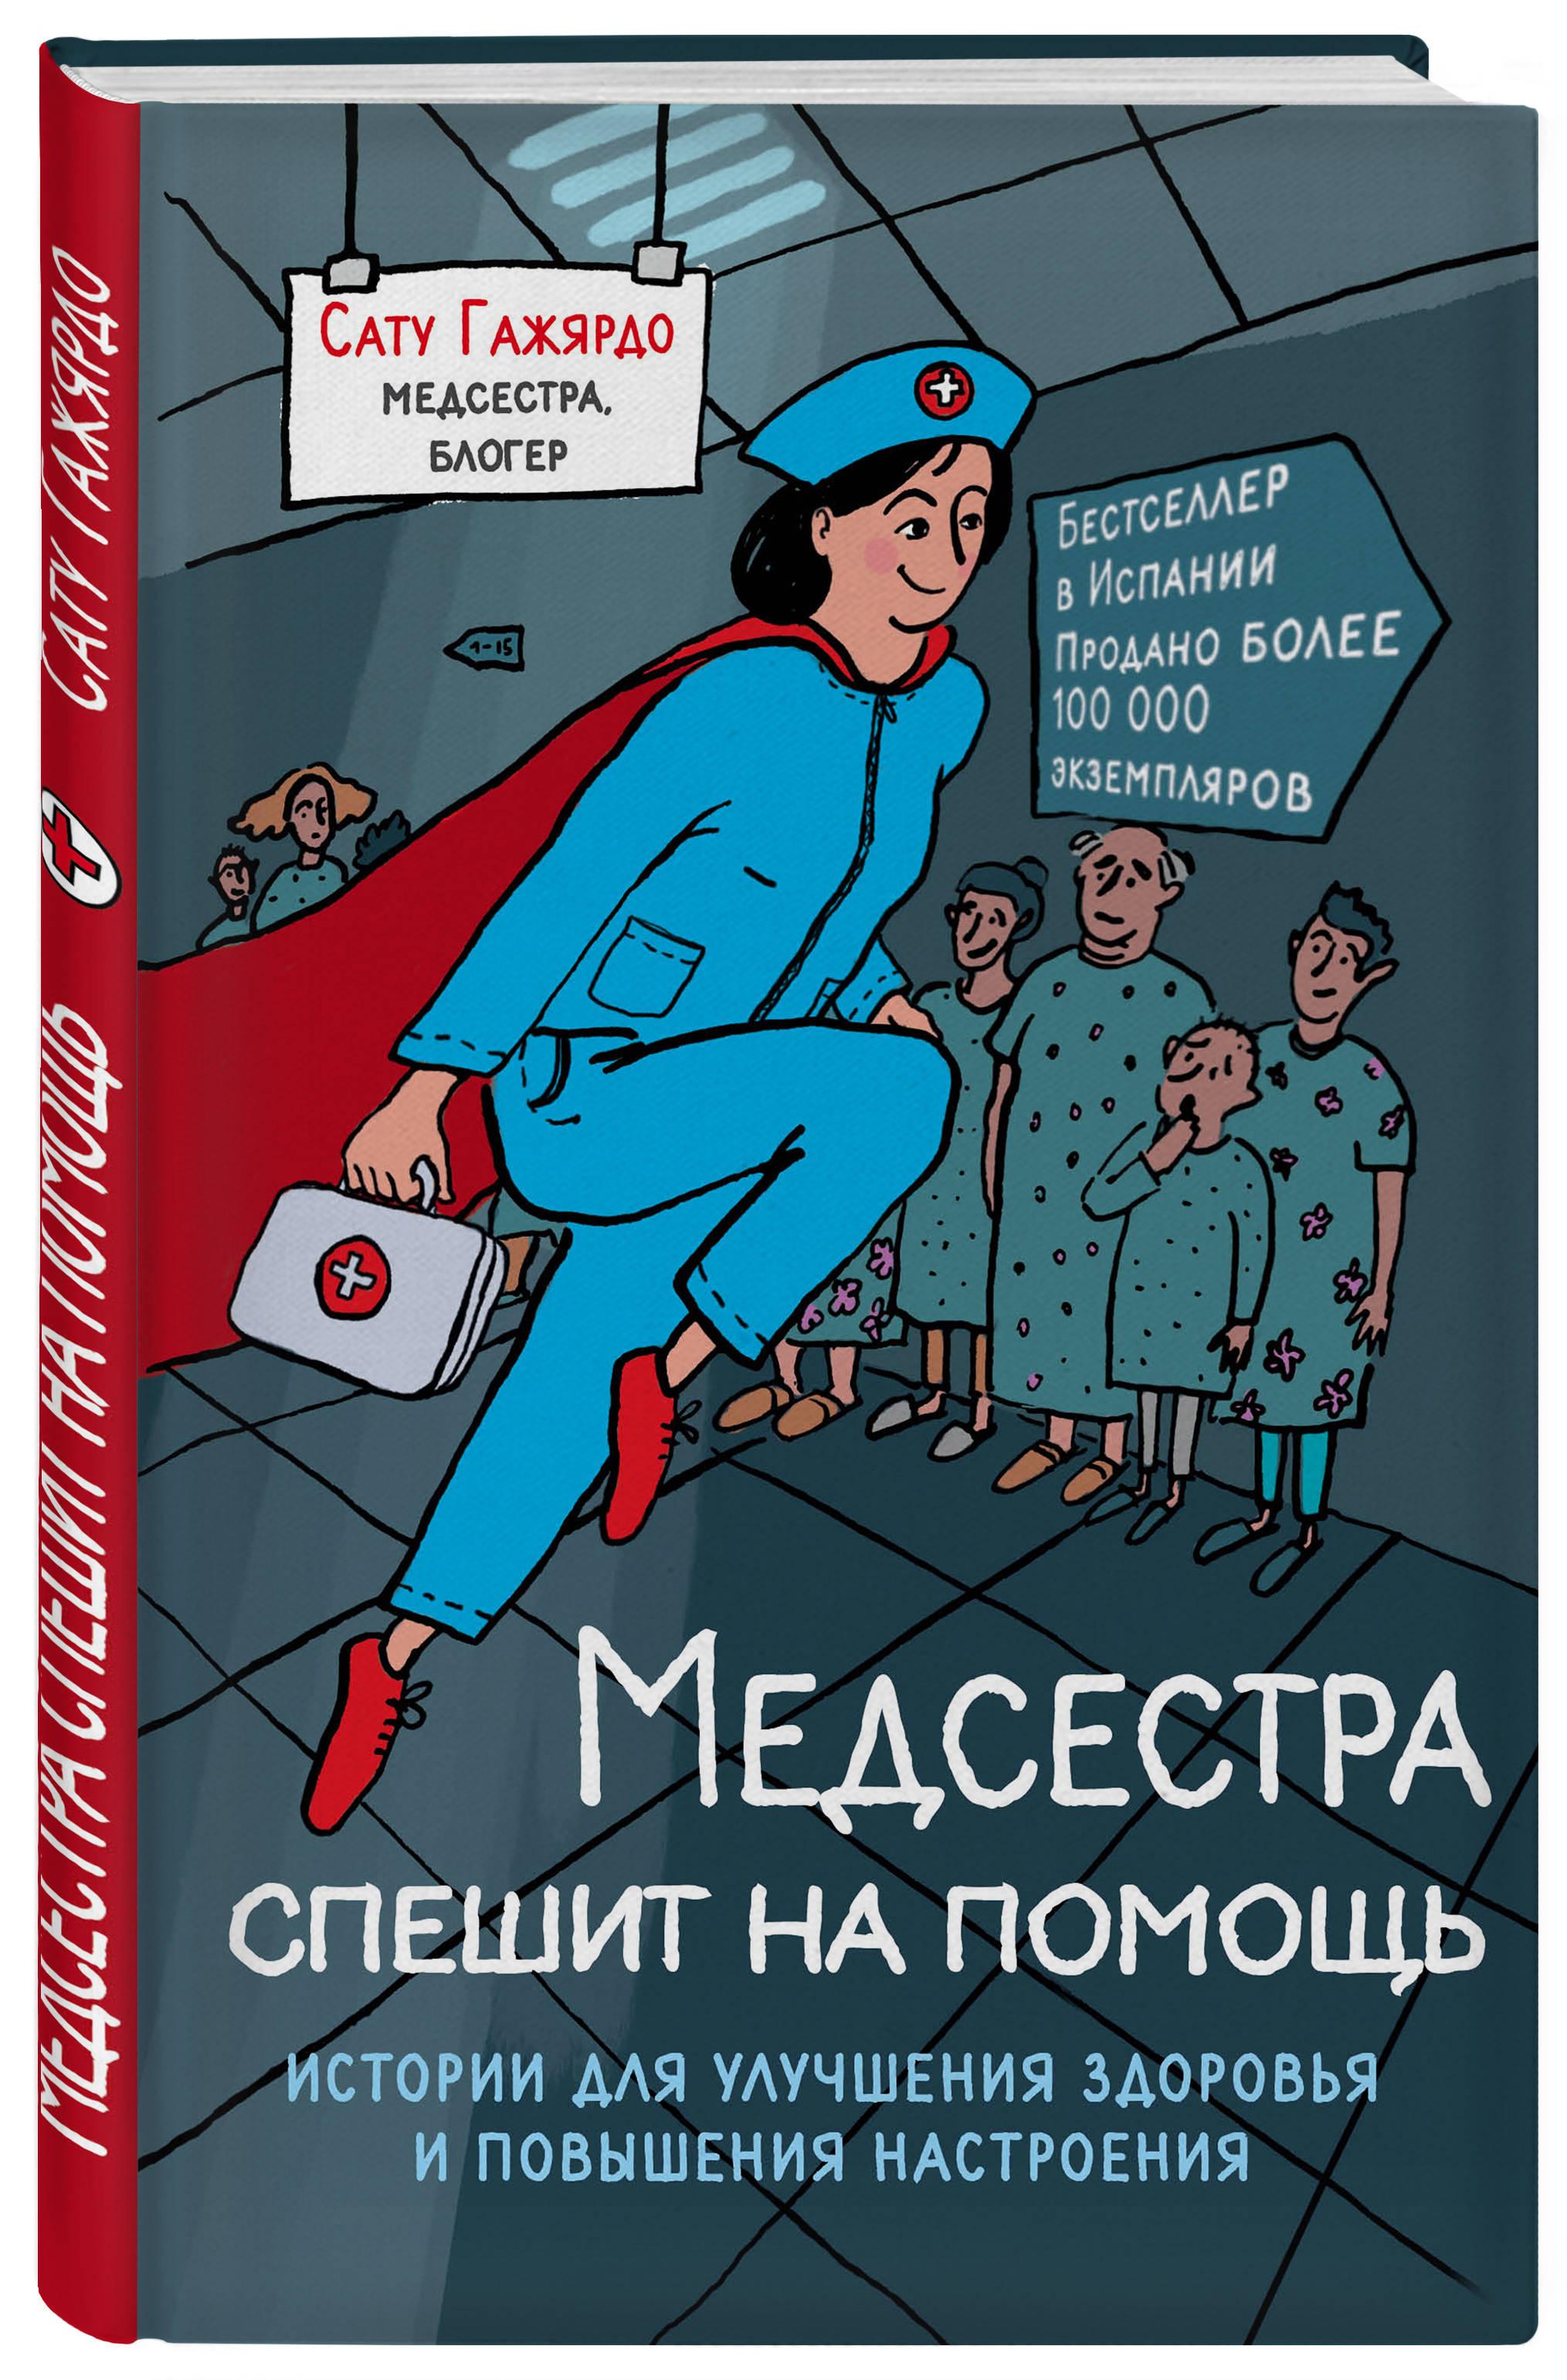 Медсестра спешит на помощь. Истории для улучшения здоровья и повышения настроения ( Сату Гажярдо  )